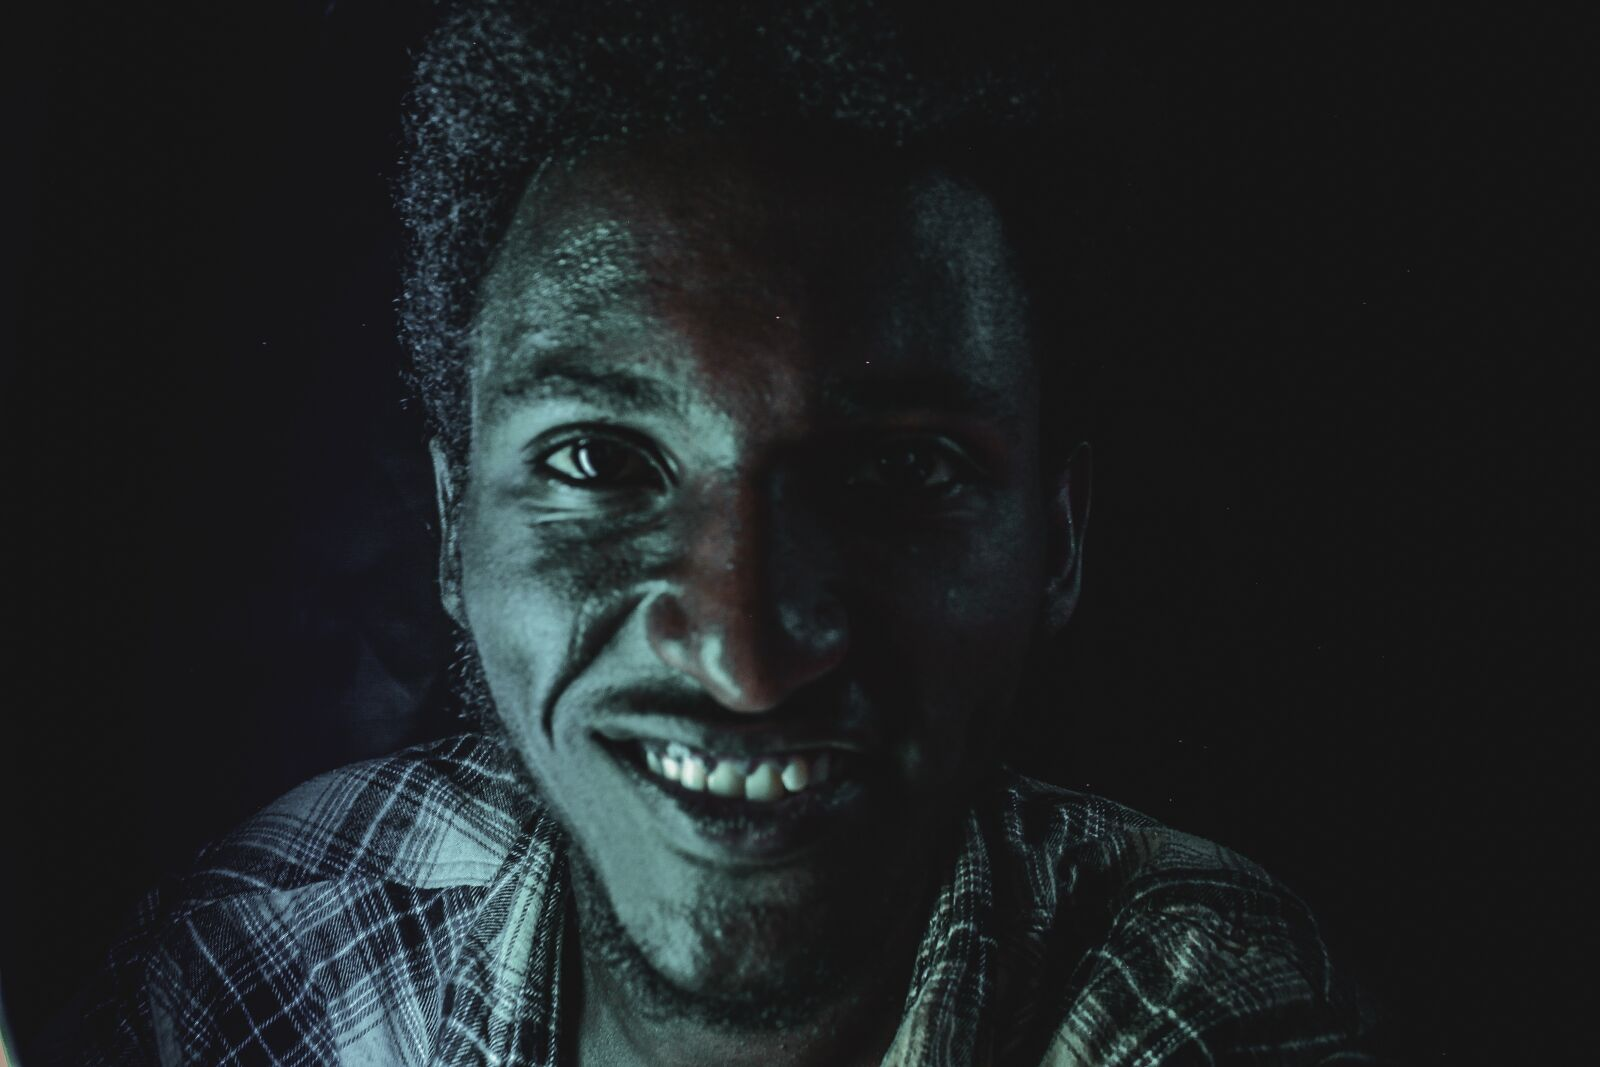 """Canon EOS 1100D (EOS Rebel T3 / EOS Kiss X50) sample photo. """"Smile, ethiopia, self portrait"""" photography"""